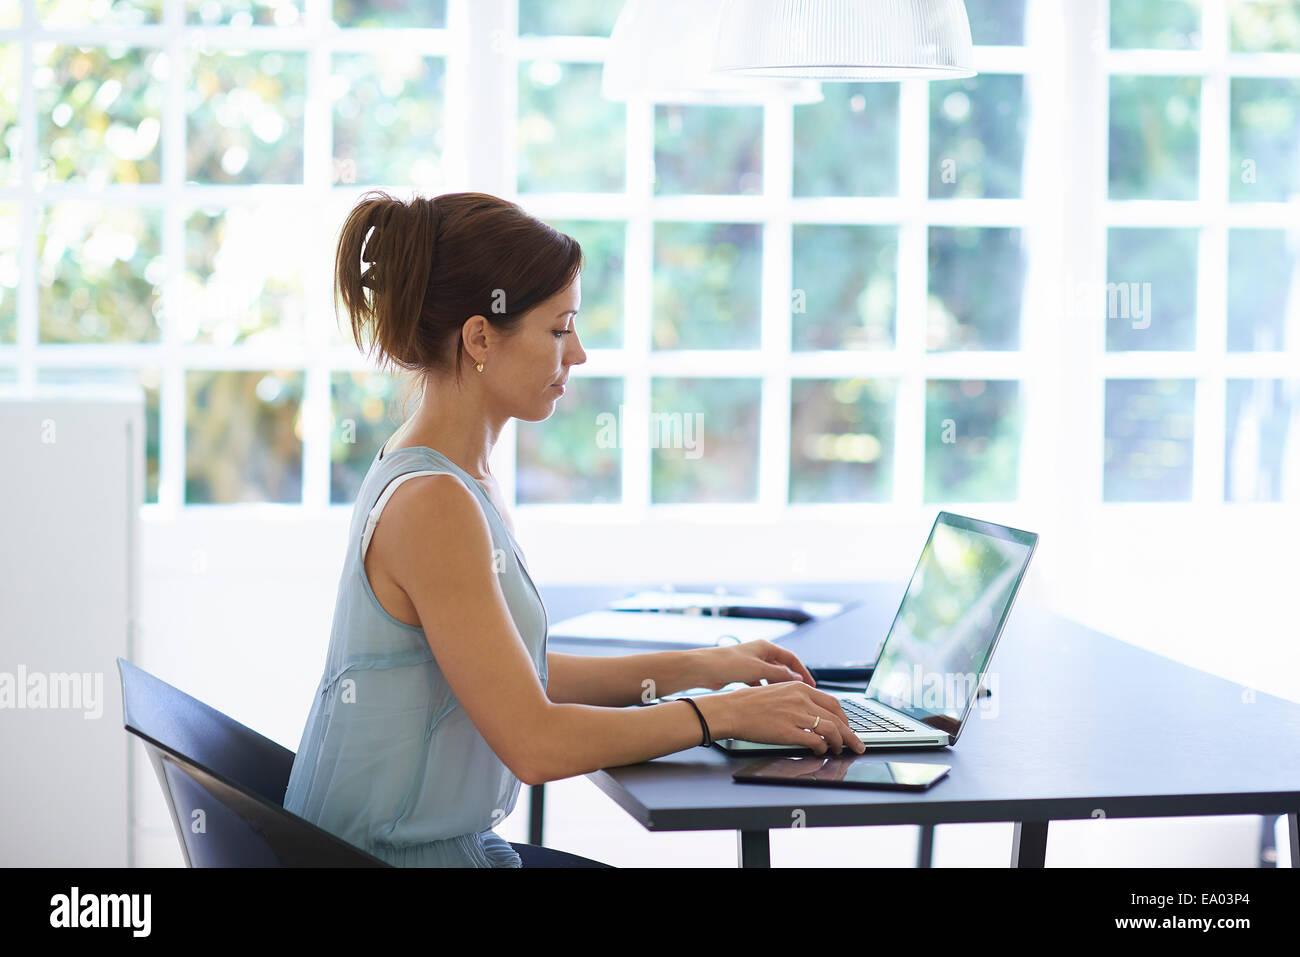 Mitad mujer adulta trabajando en el portátil en el comedor Imagen De Stock